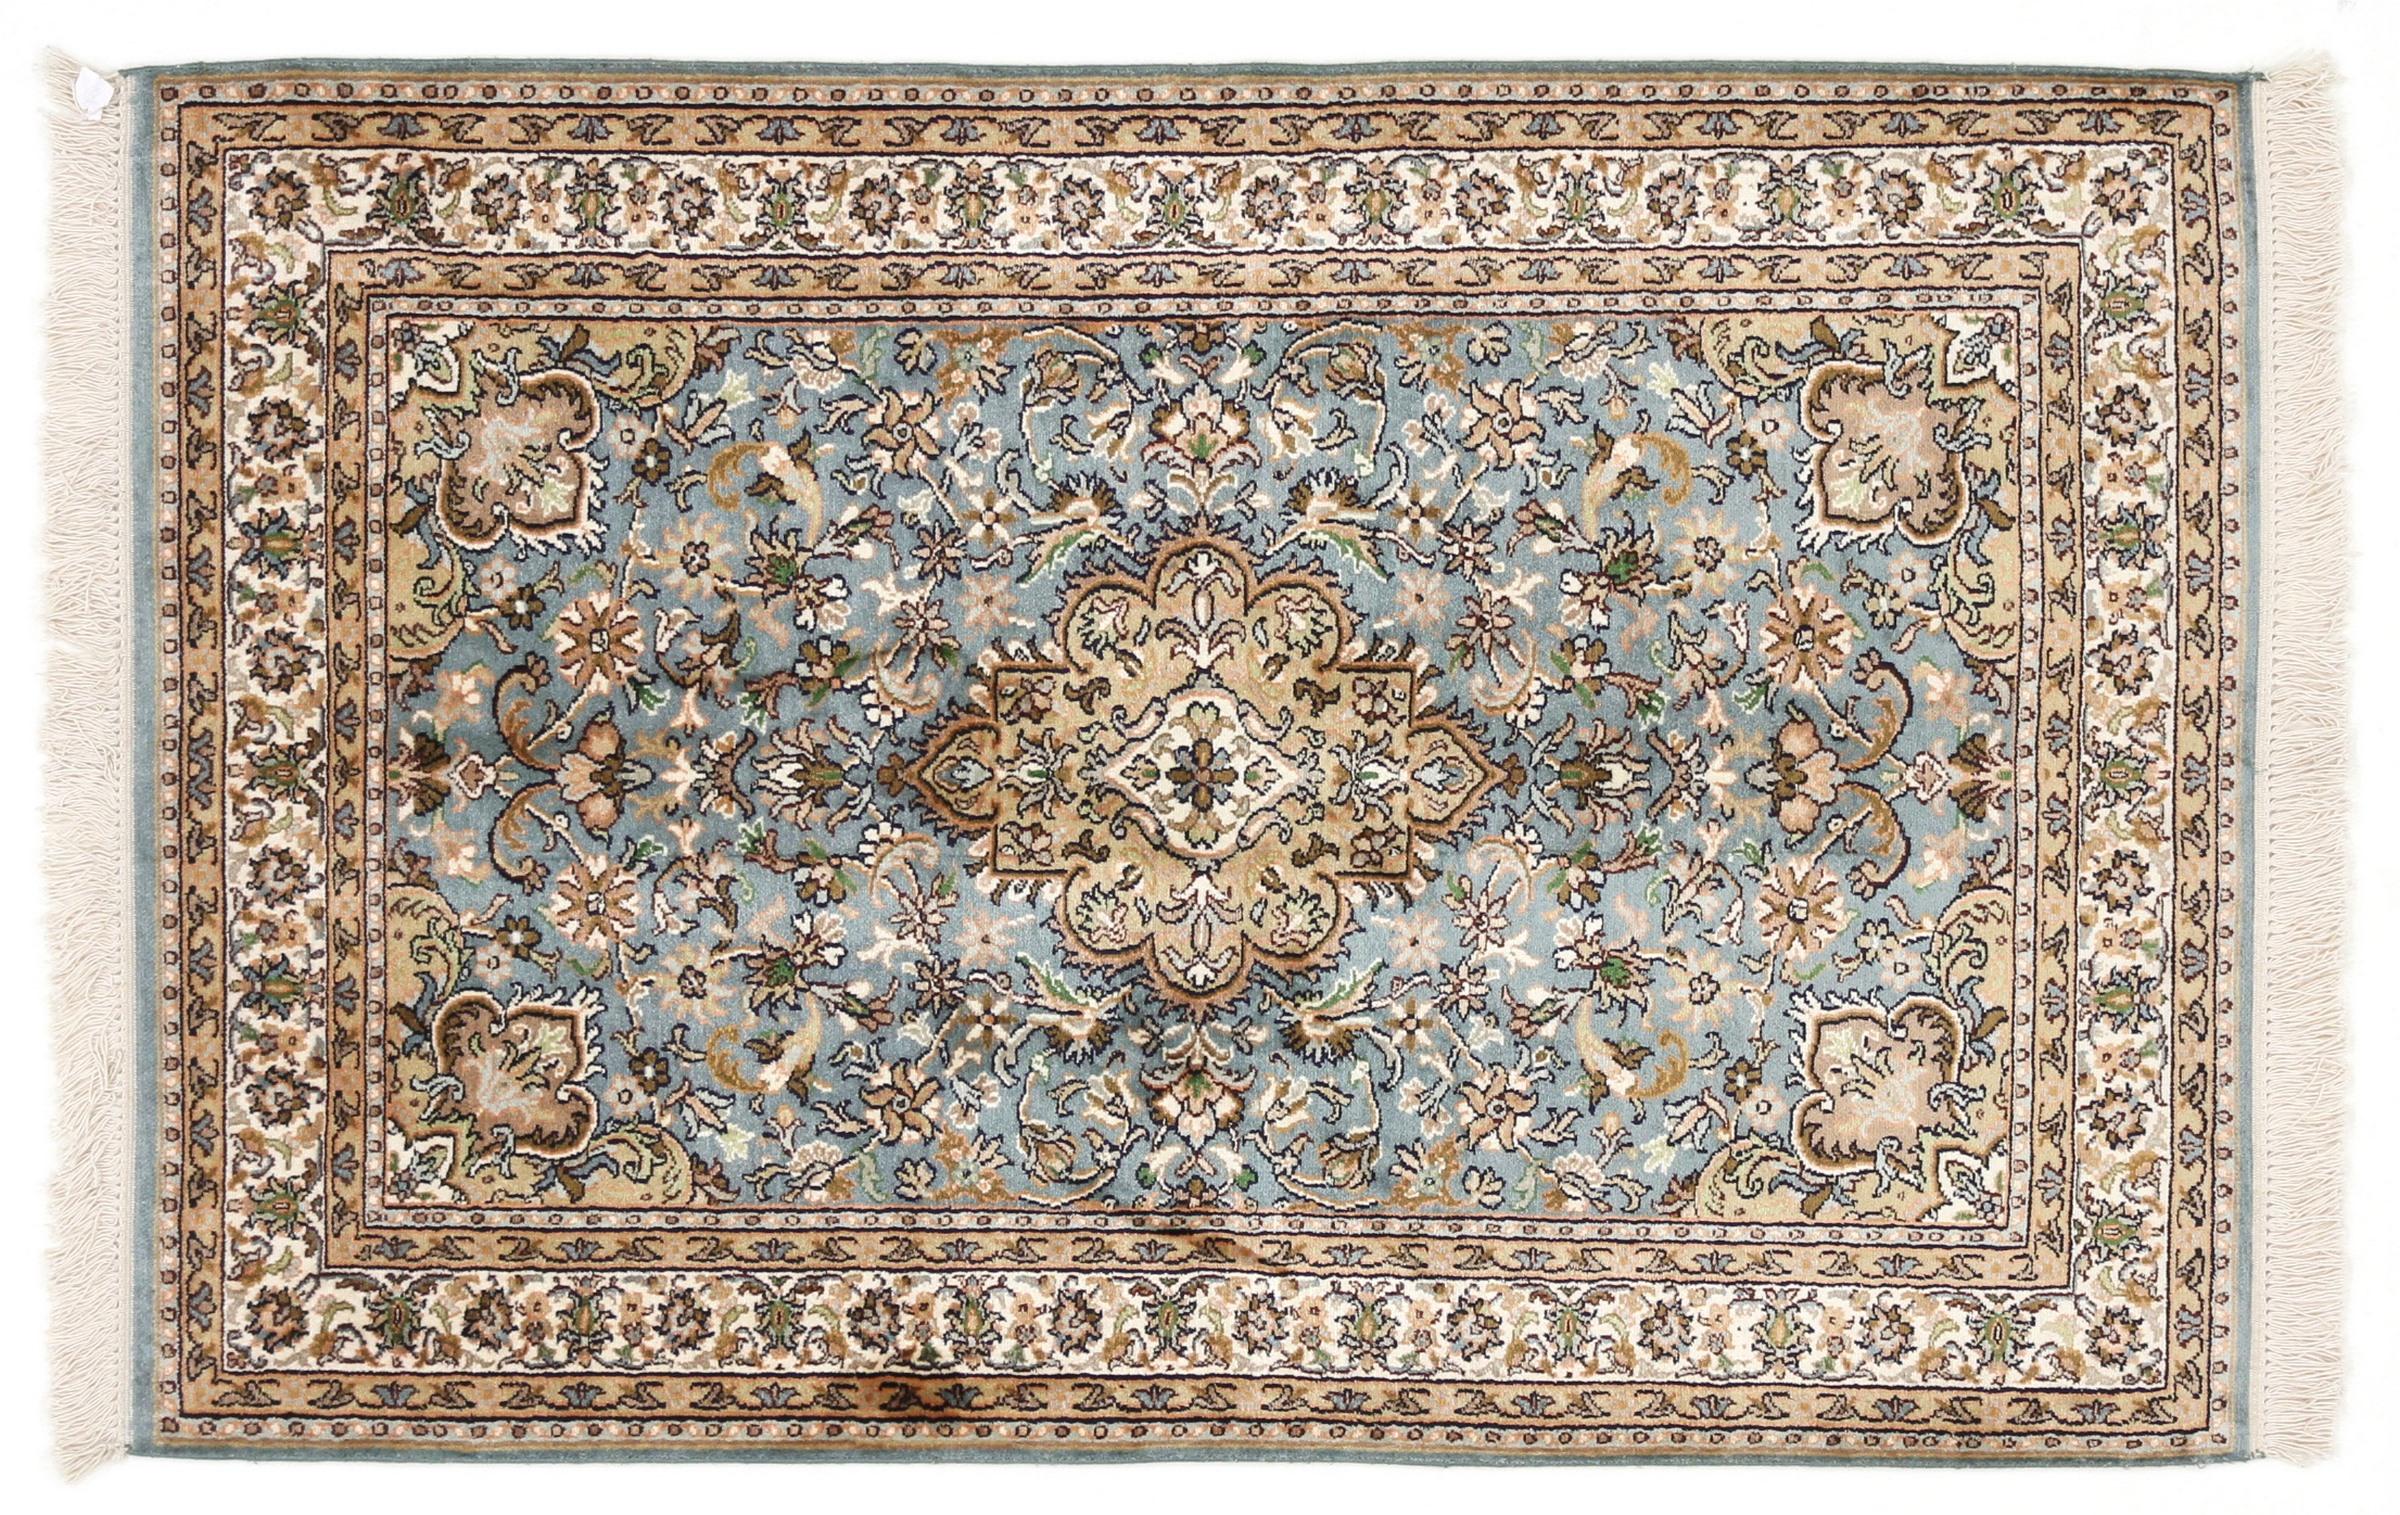 kaschmir reine seide indischer teppich 123x81 id20131 kaufen sie ihren orientteppich kaschmir. Black Bedroom Furniture Sets. Home Design Ideas